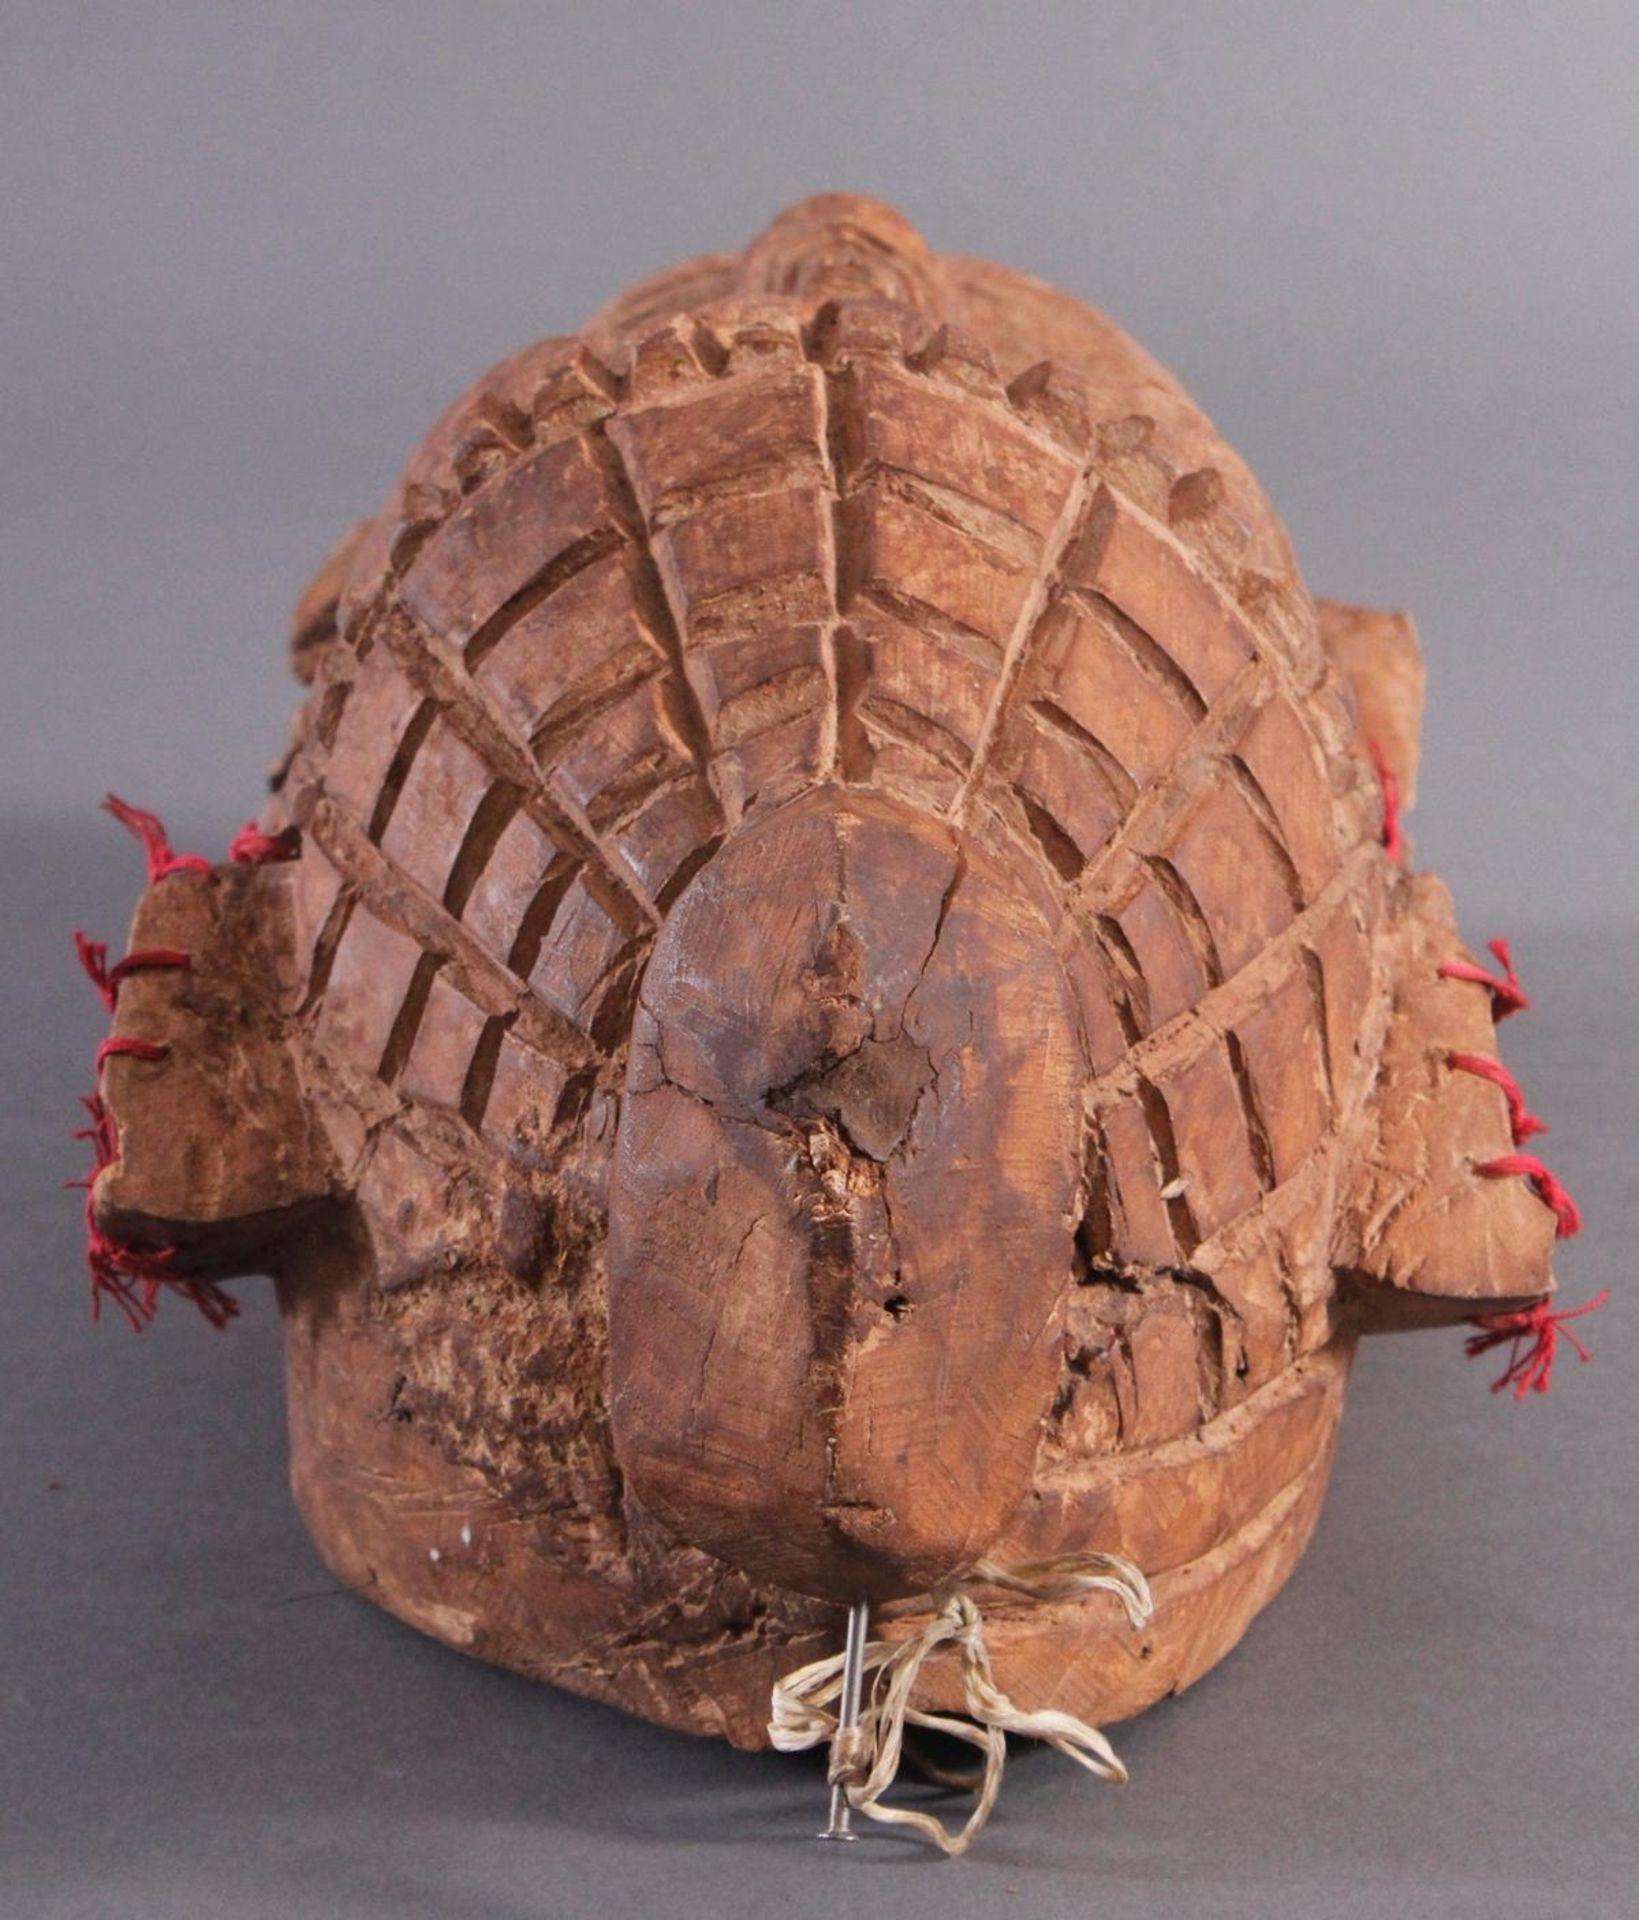 Antike Wandmaske, Mambila Kamerun 1. Hälfte 20. Jh.Helles Holz, geschnitzt, verziert mit roten - Bild 4 aus 6